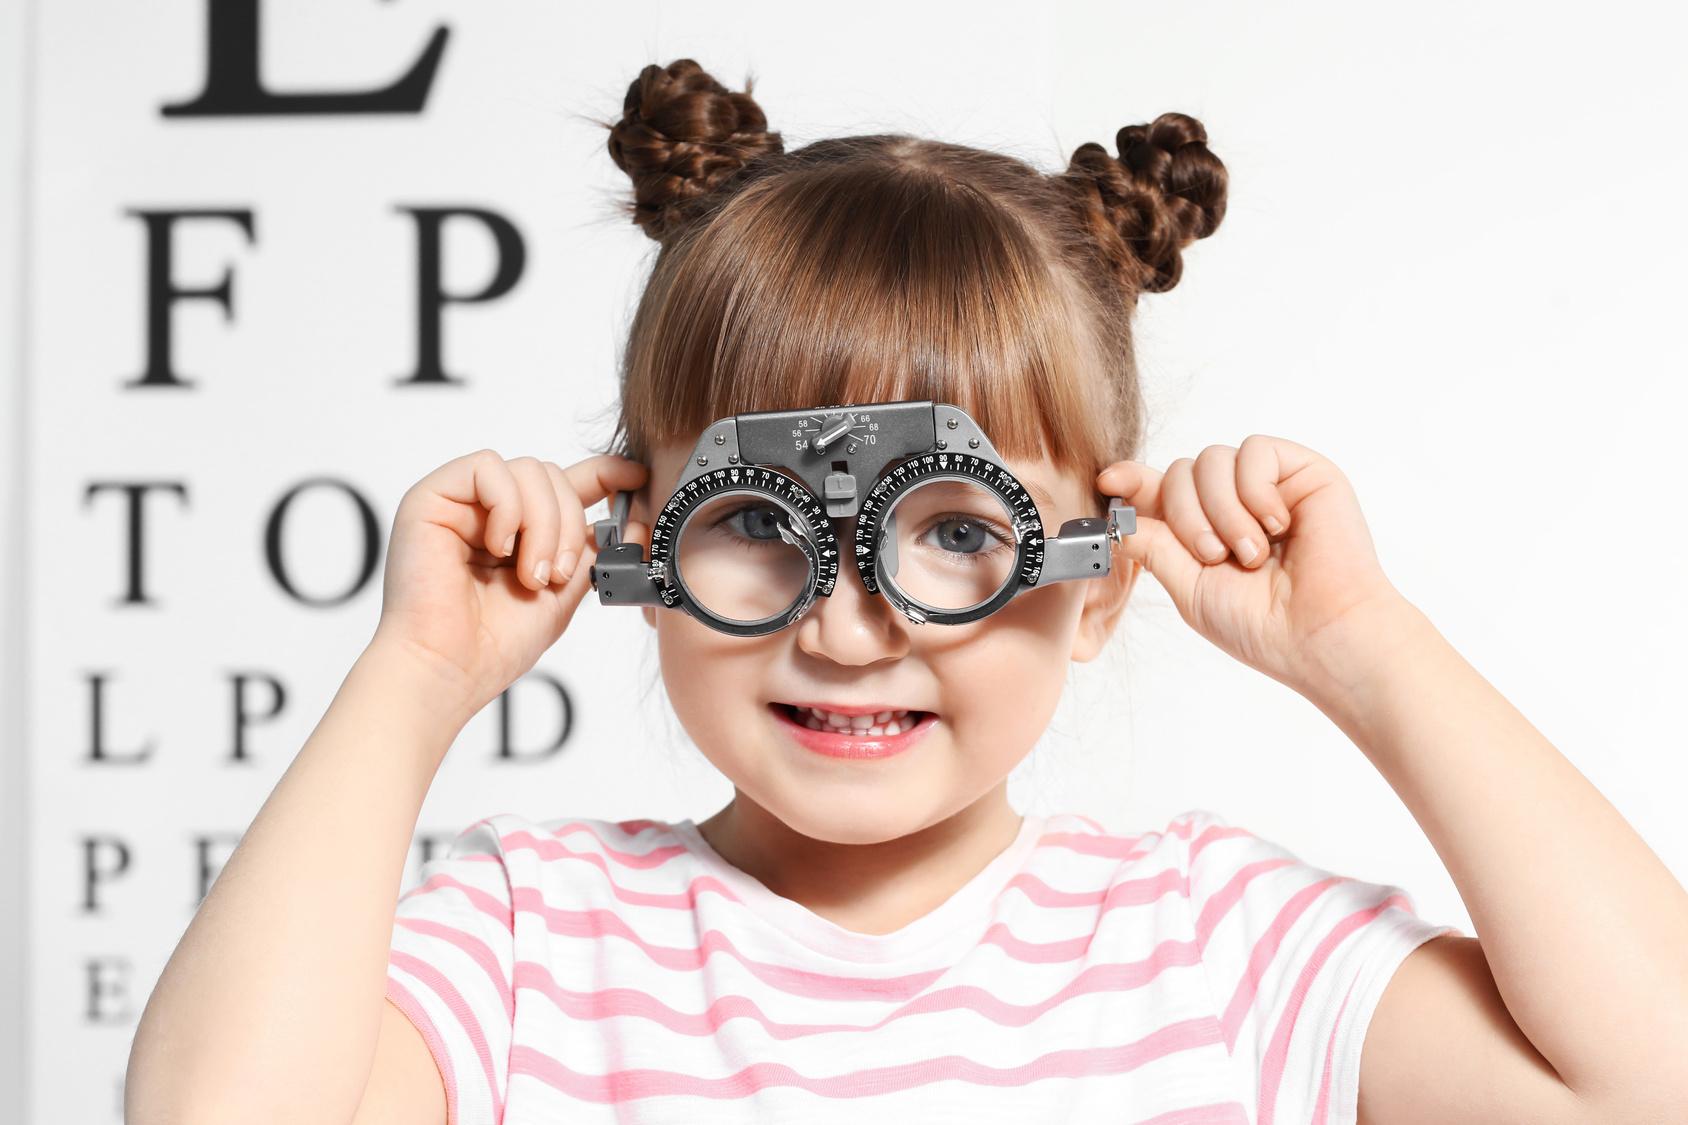 Menina faz brincadeiras com equipamento oftalmológico